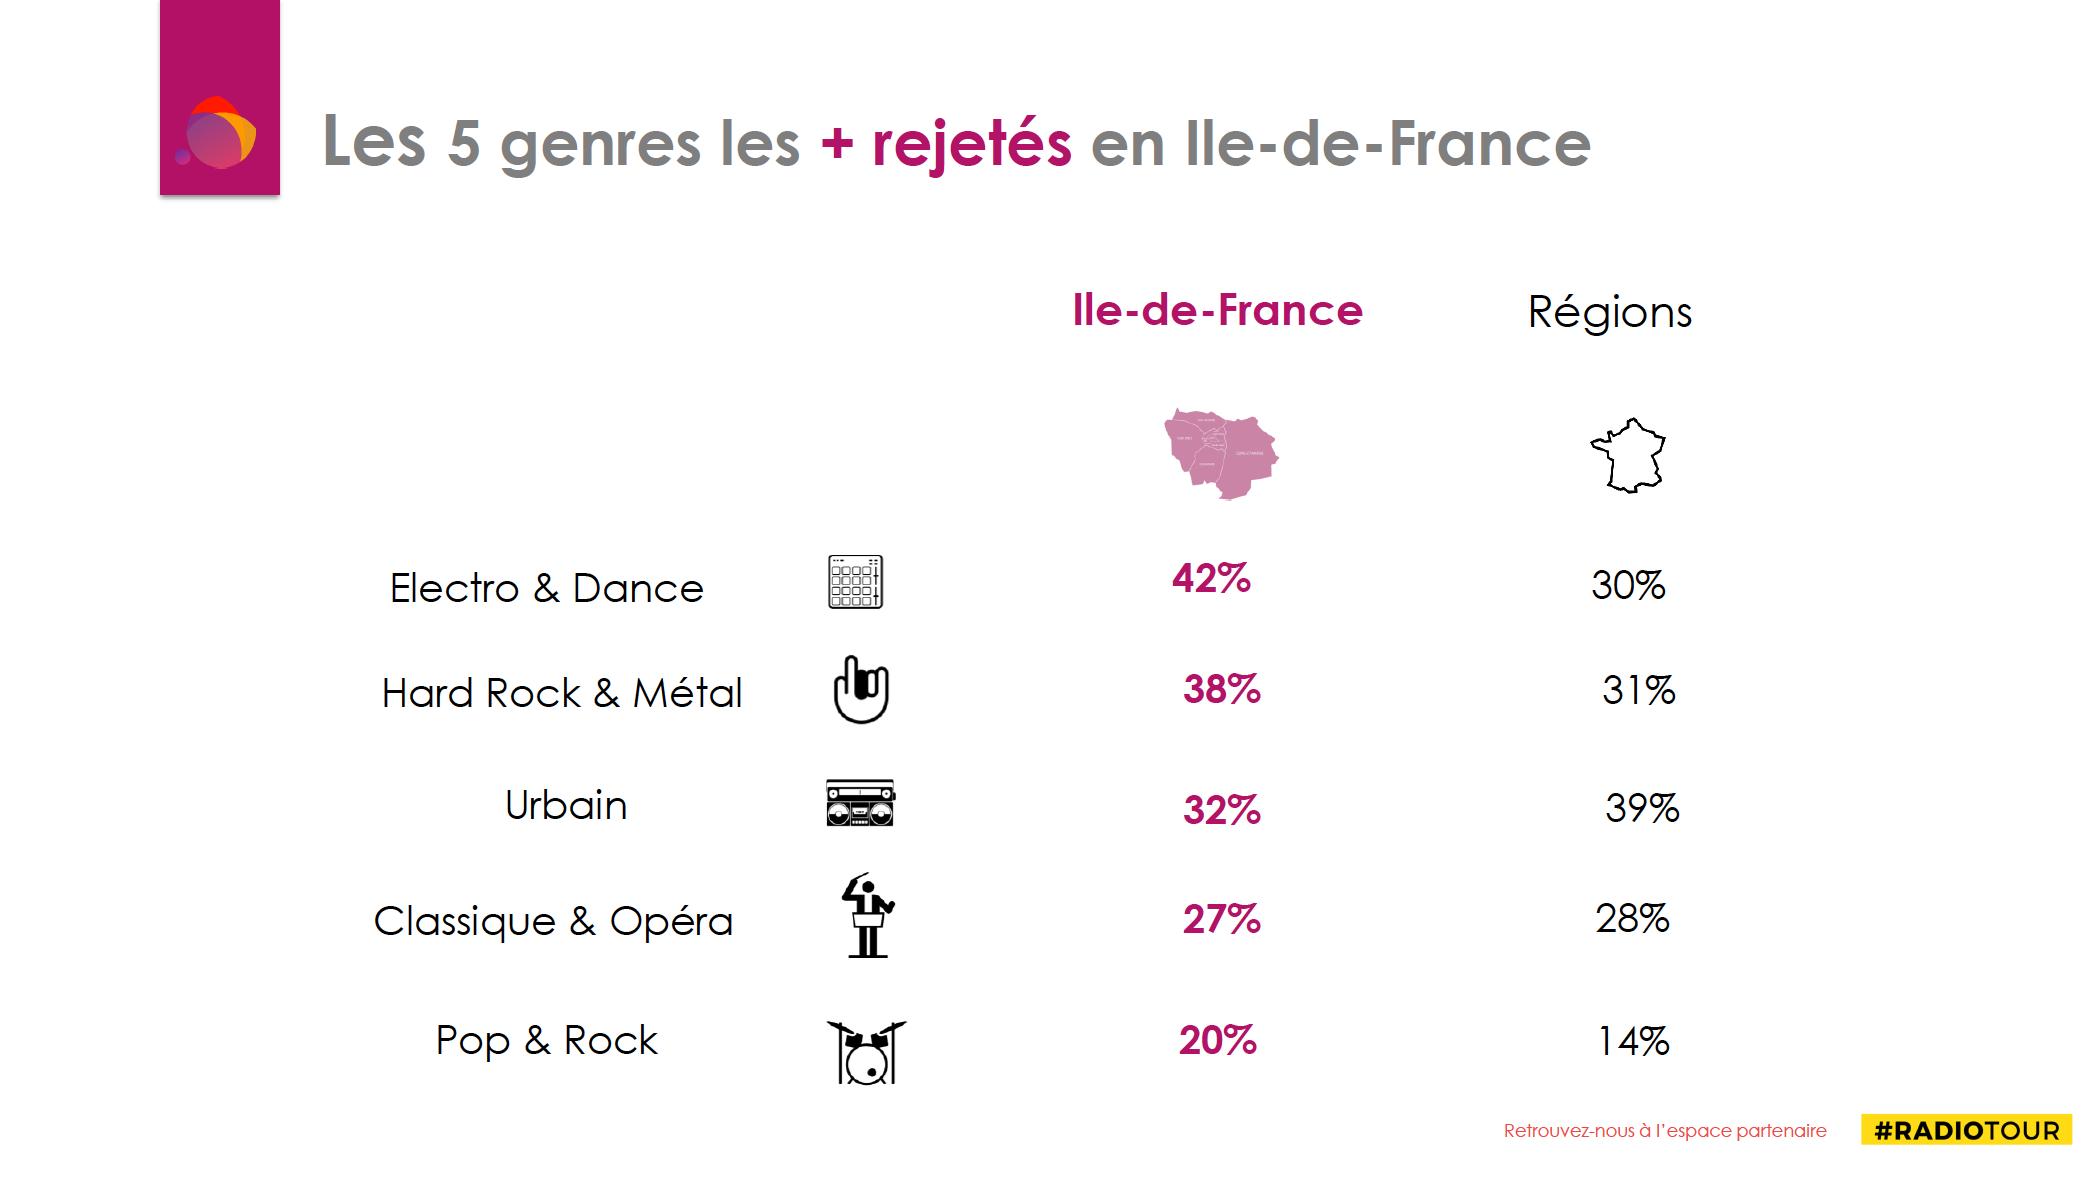 Les auditeurs parisiens rejettent massivement l'Electro et la Dance